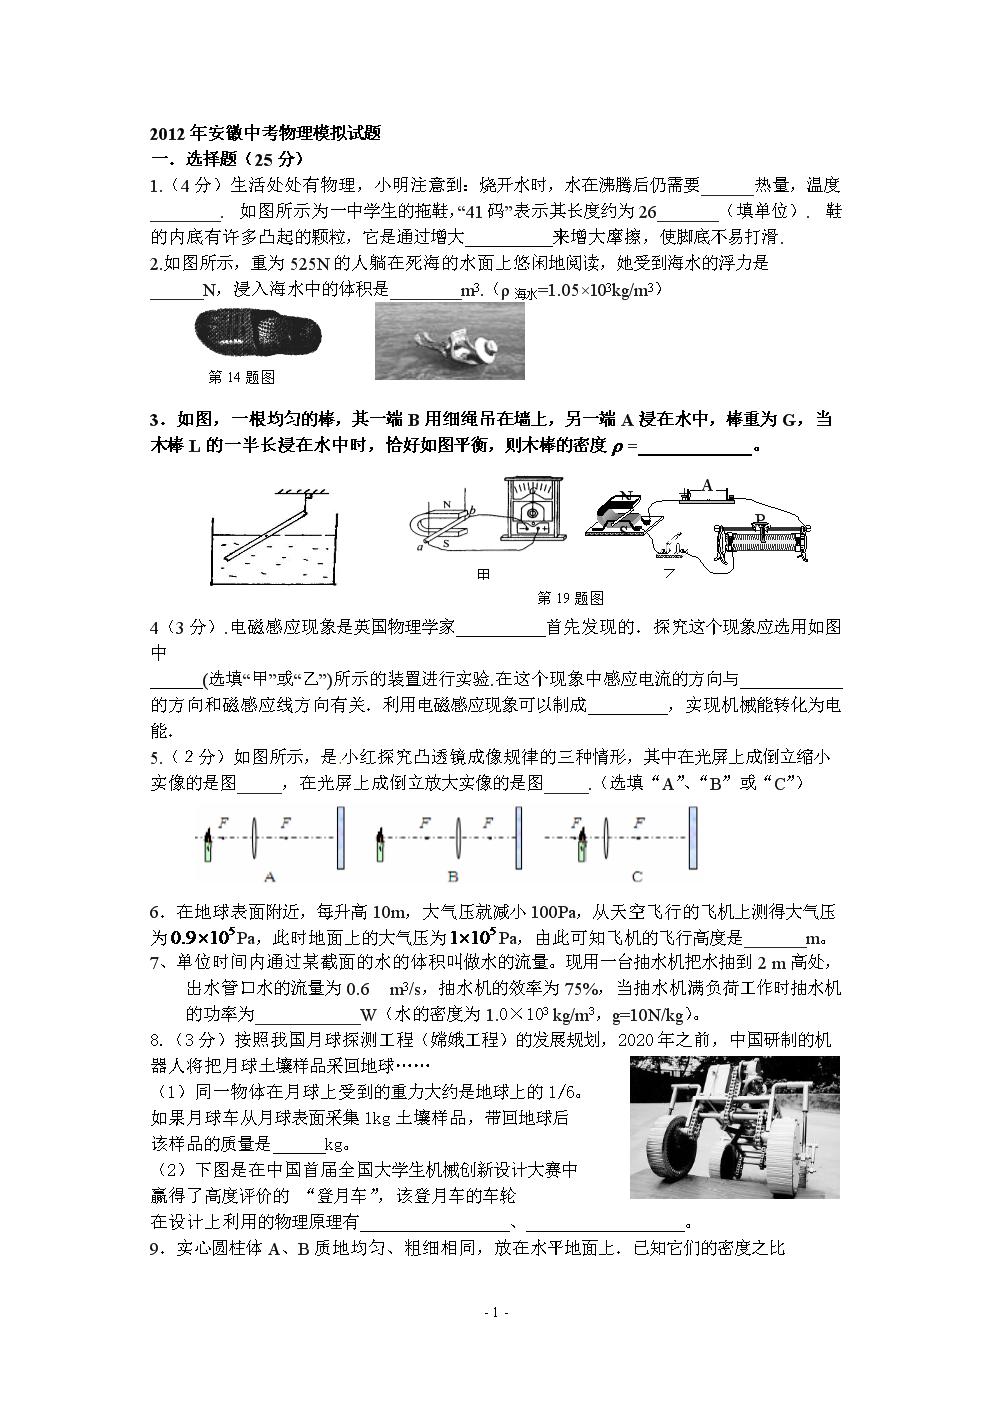 如图所示的电路中,电源电压保持不变.